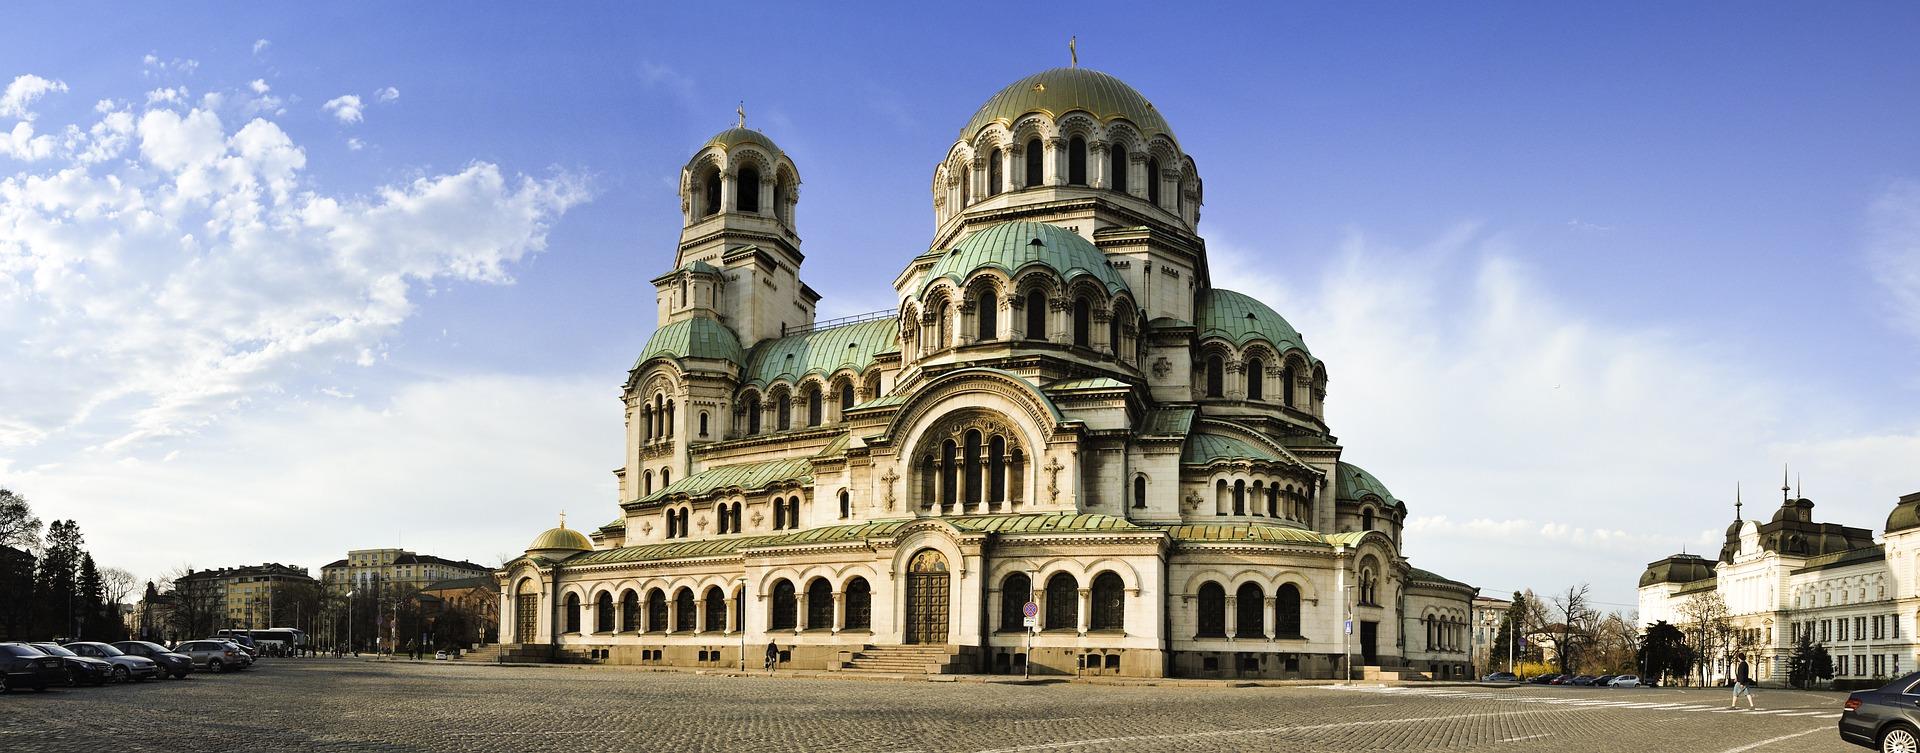 Catedral Sofía Bulgaria